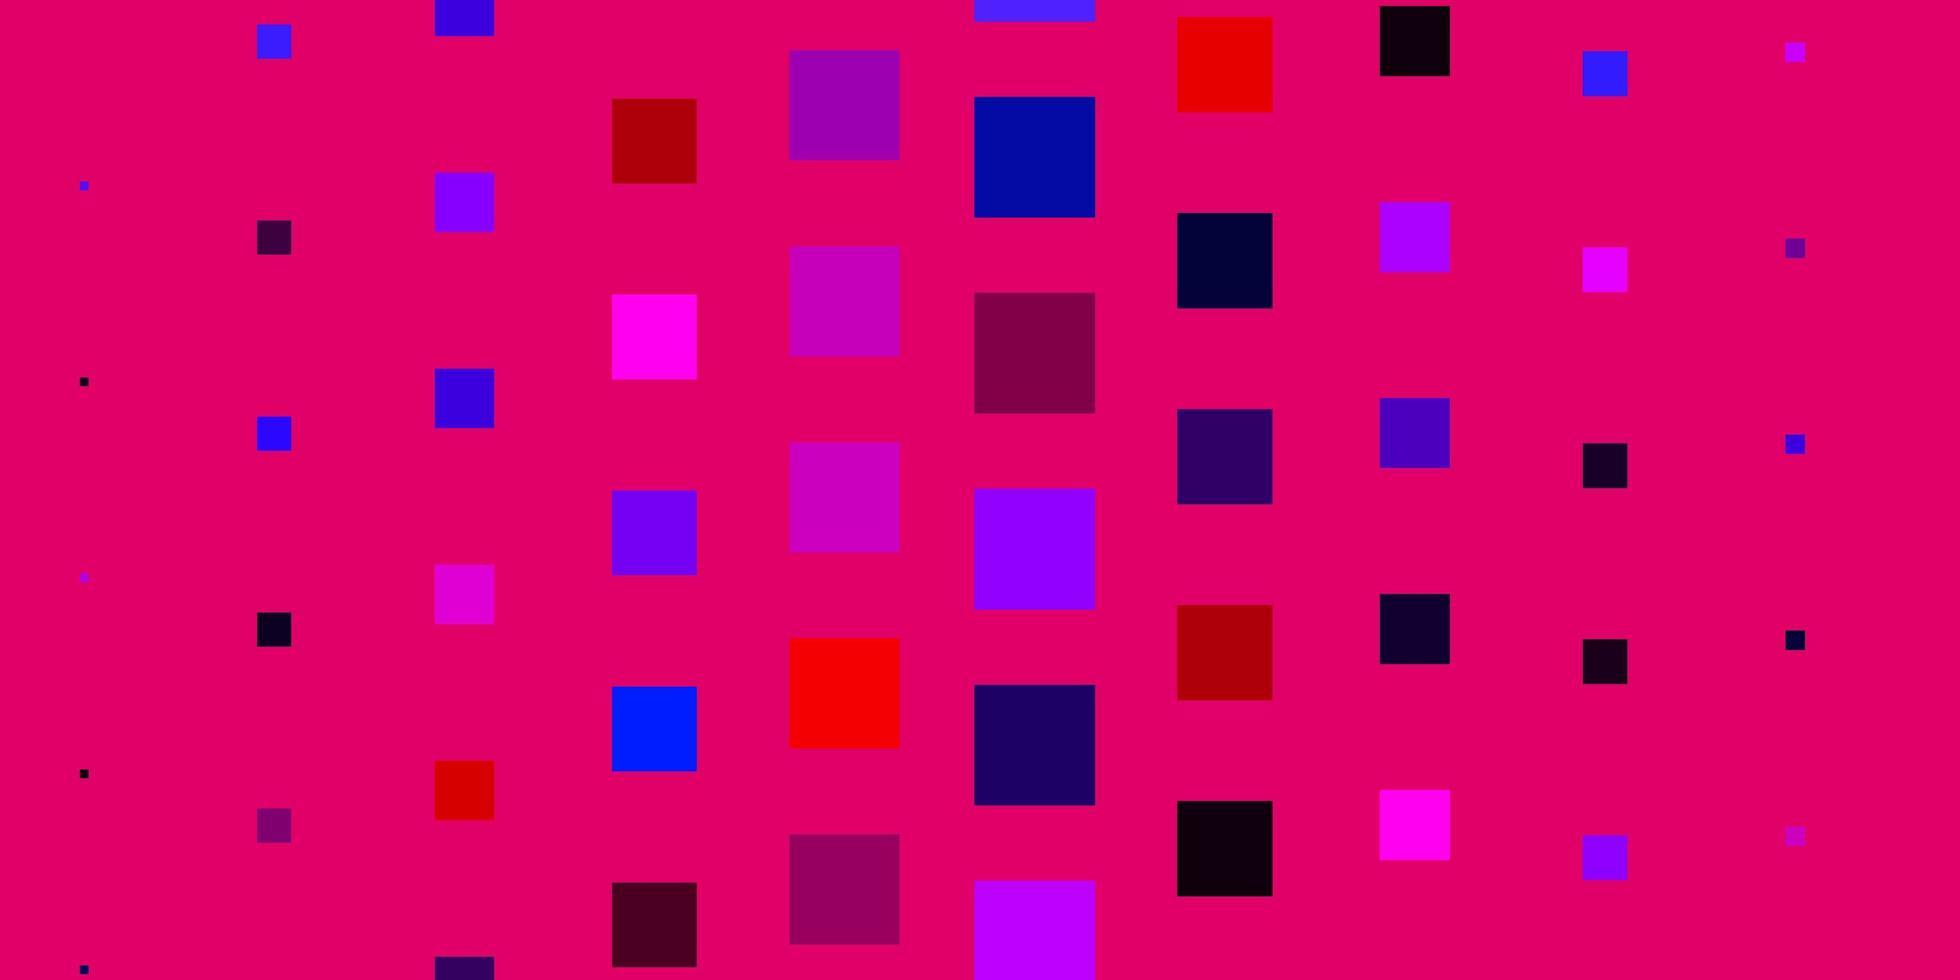 layout de vetor azul claro e vermelho com linhas, retângulos